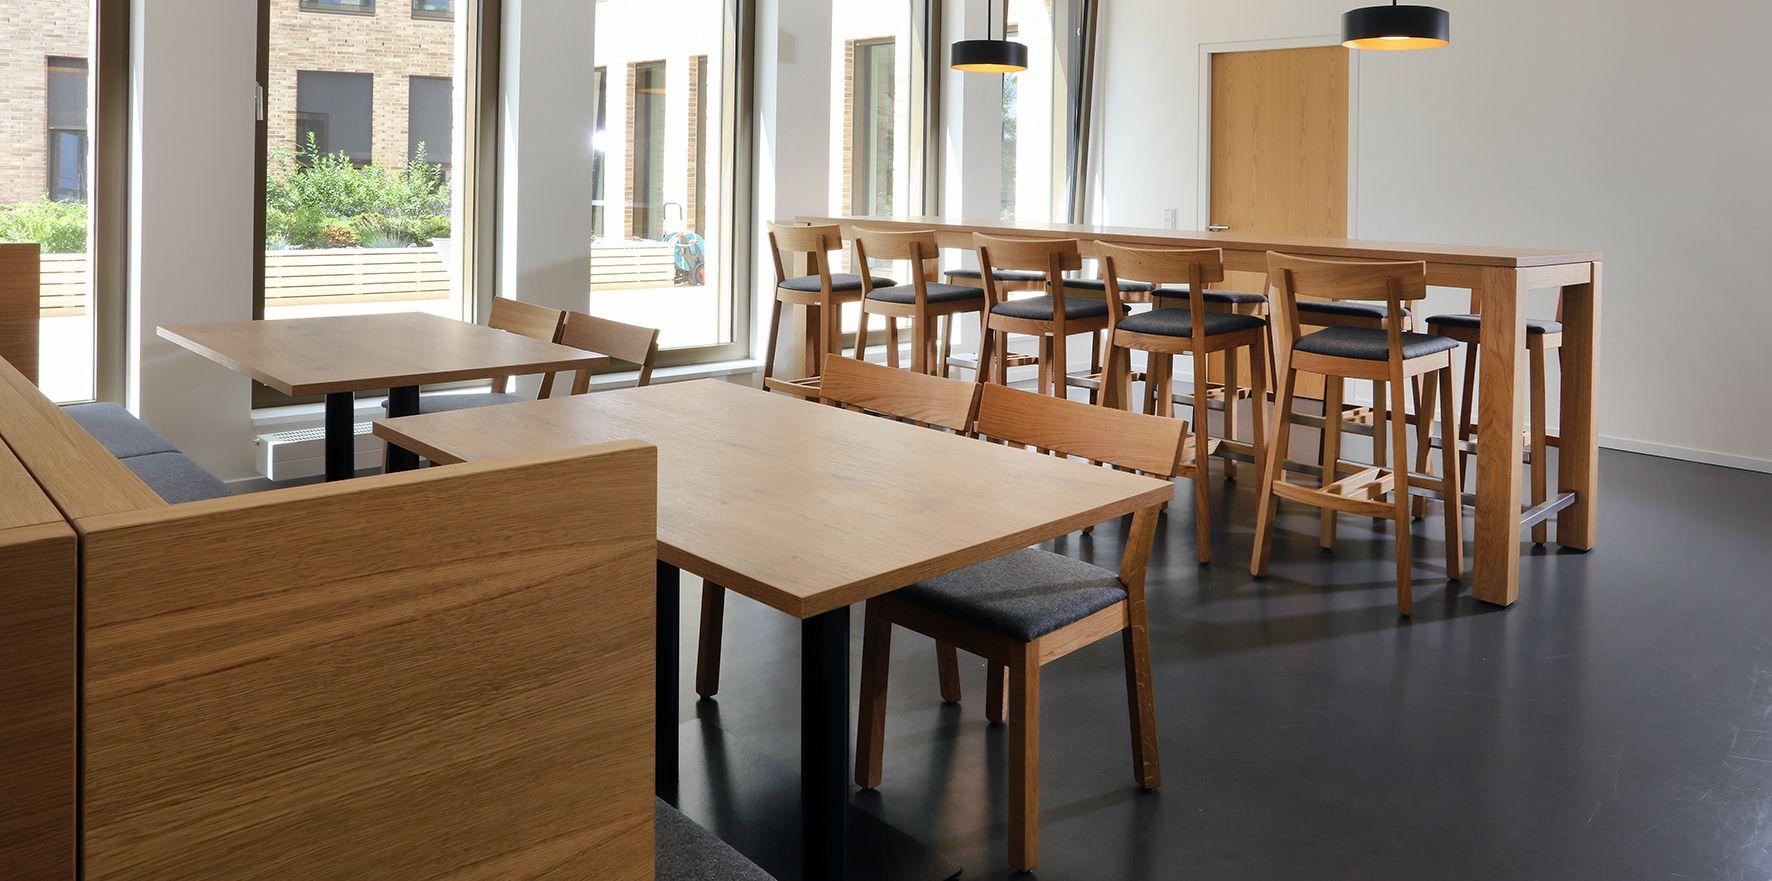 Moblierung Kantine Teekuche Stuhl Ole 11249 Hocker 10250 Stehtisch 31188 Https Www Schnieder Com Referenzen Kantine G Gastronomie Mobel Haus Deko Tisch